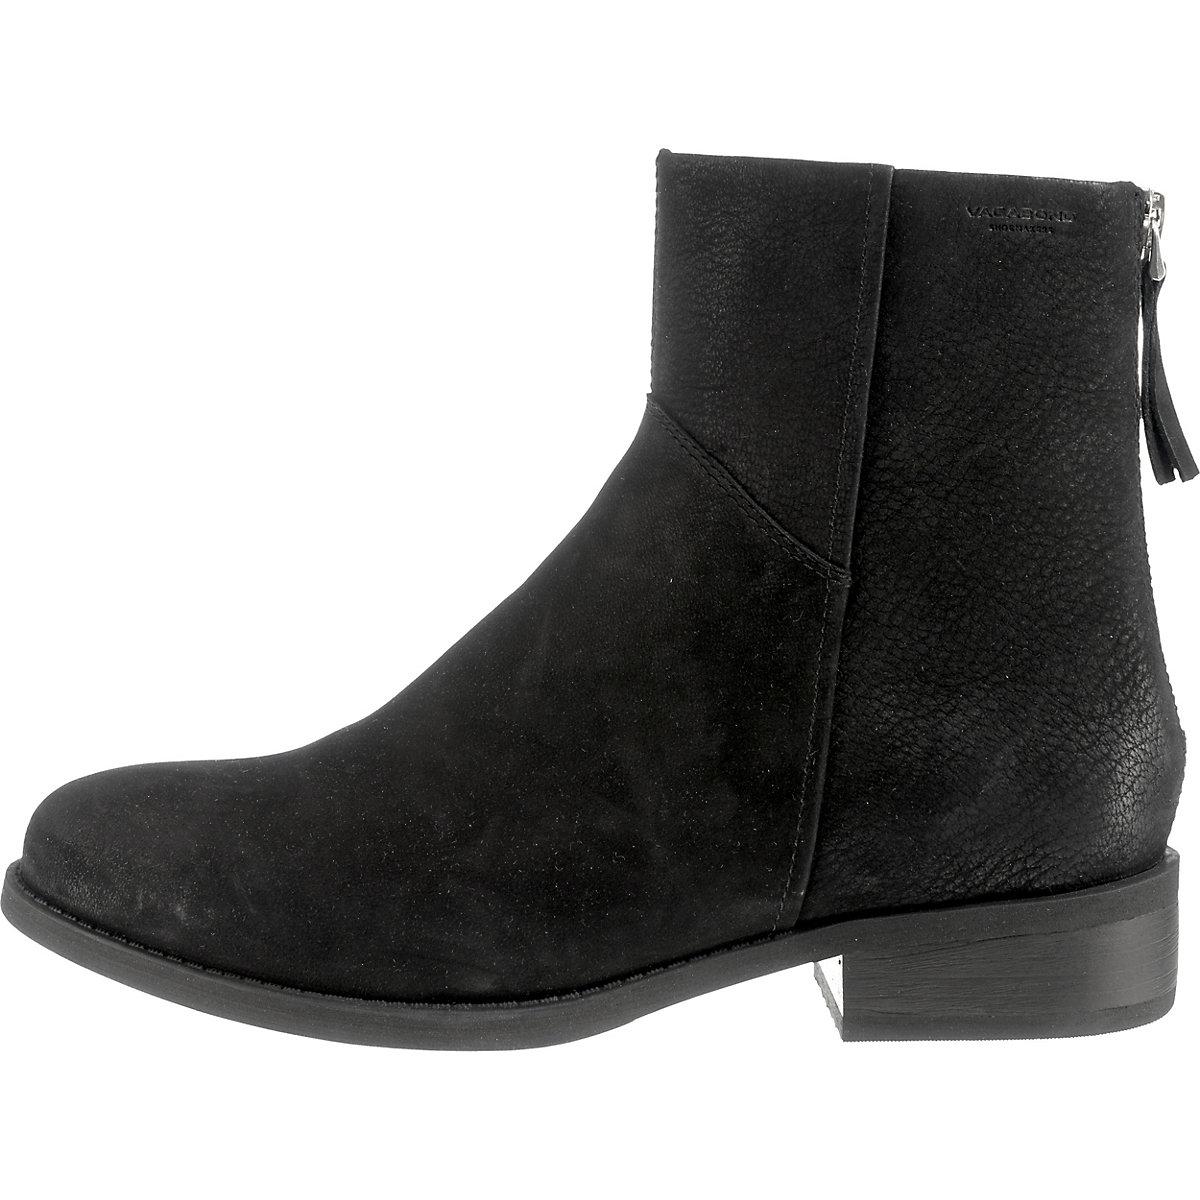 VAGABOND Klassische Stiefeletten schwarz